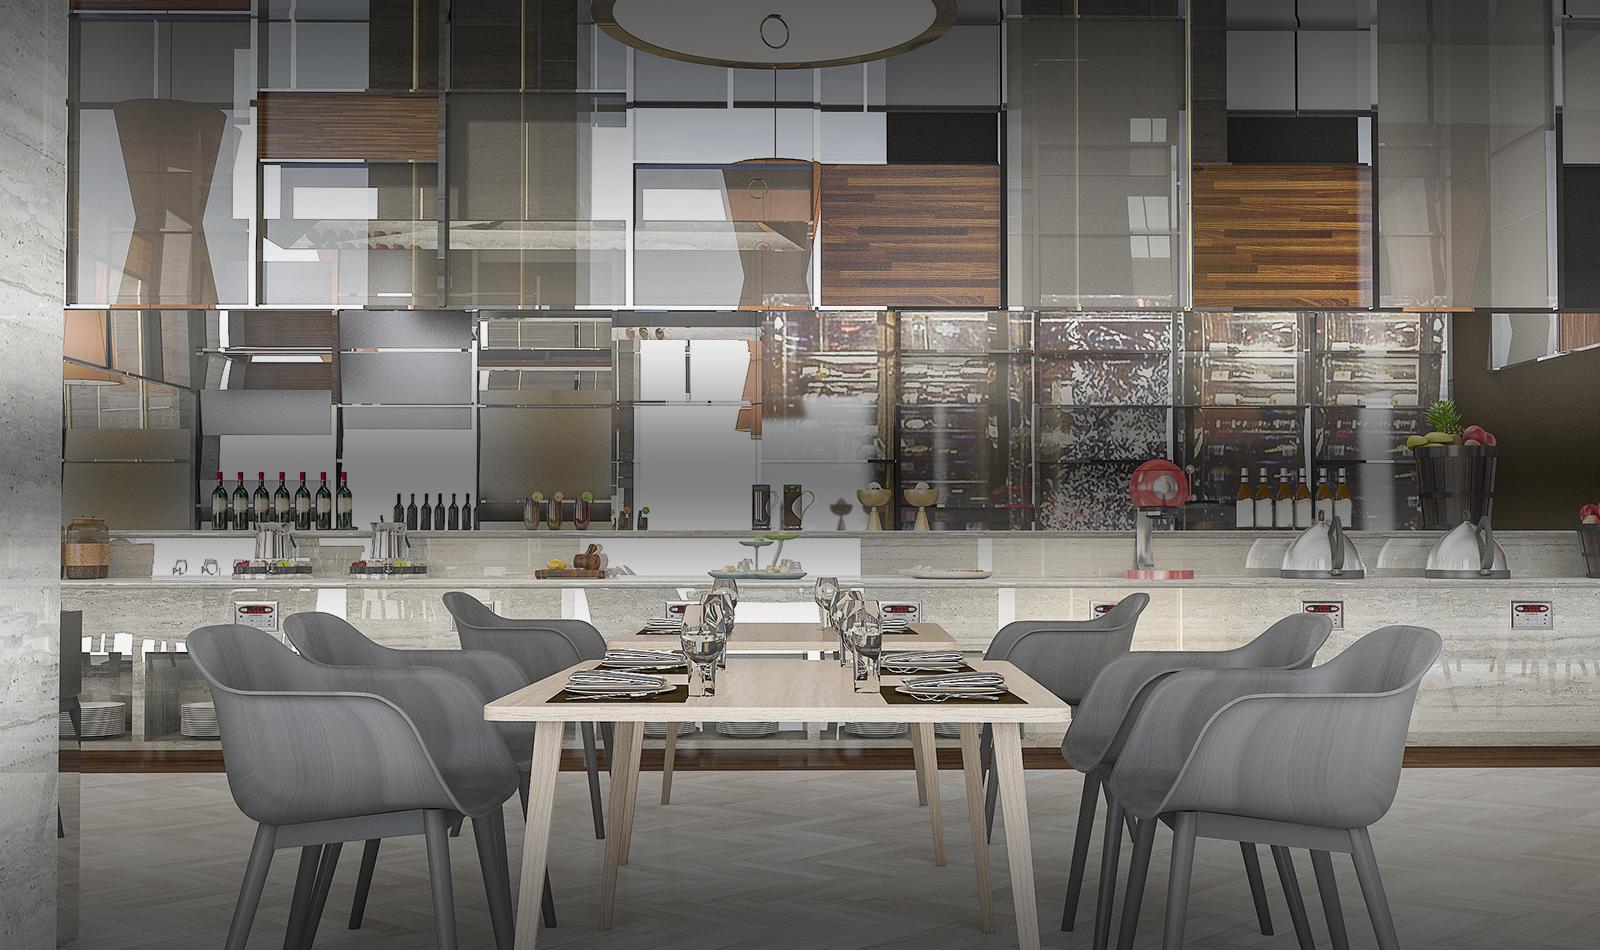 Rendering of a modern communal buffet restaurant service